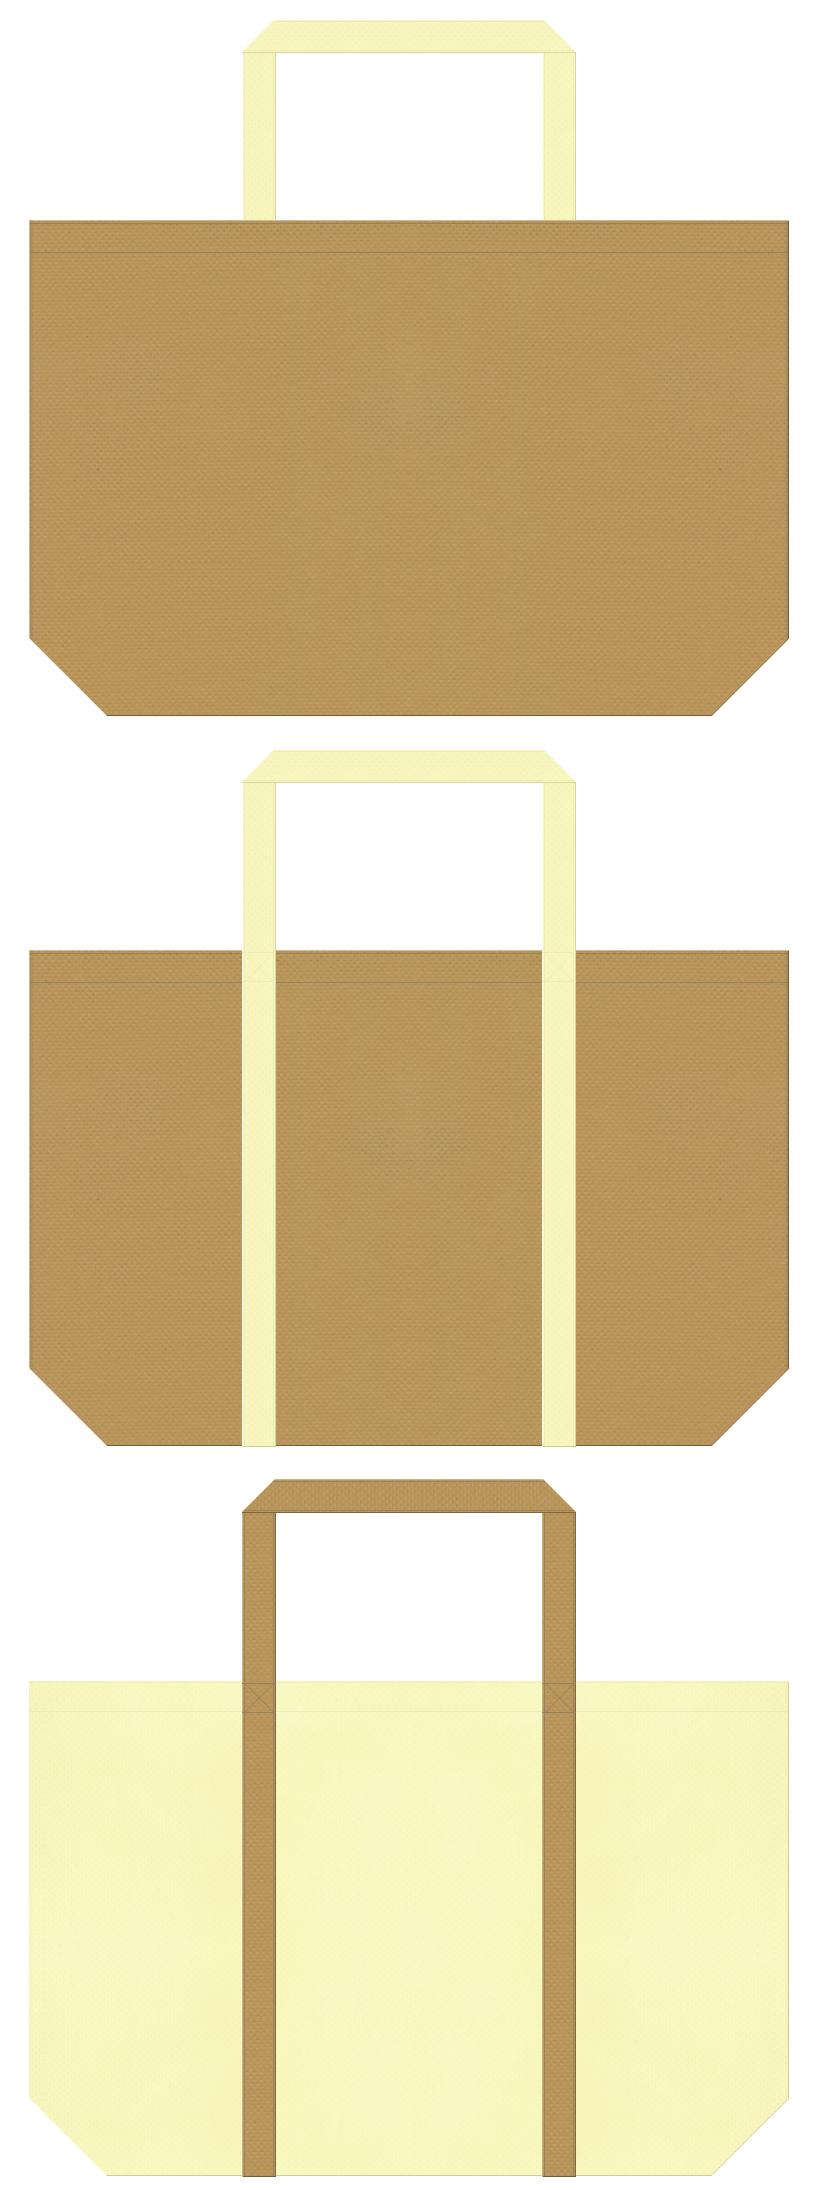 キウイフルーツ・コーヒーロール・ベーカリー・スイーツ・和菓子のショッピングバッグにお奨めの不織布バッグデザイン:金黄土色と薄黄色のコーデ